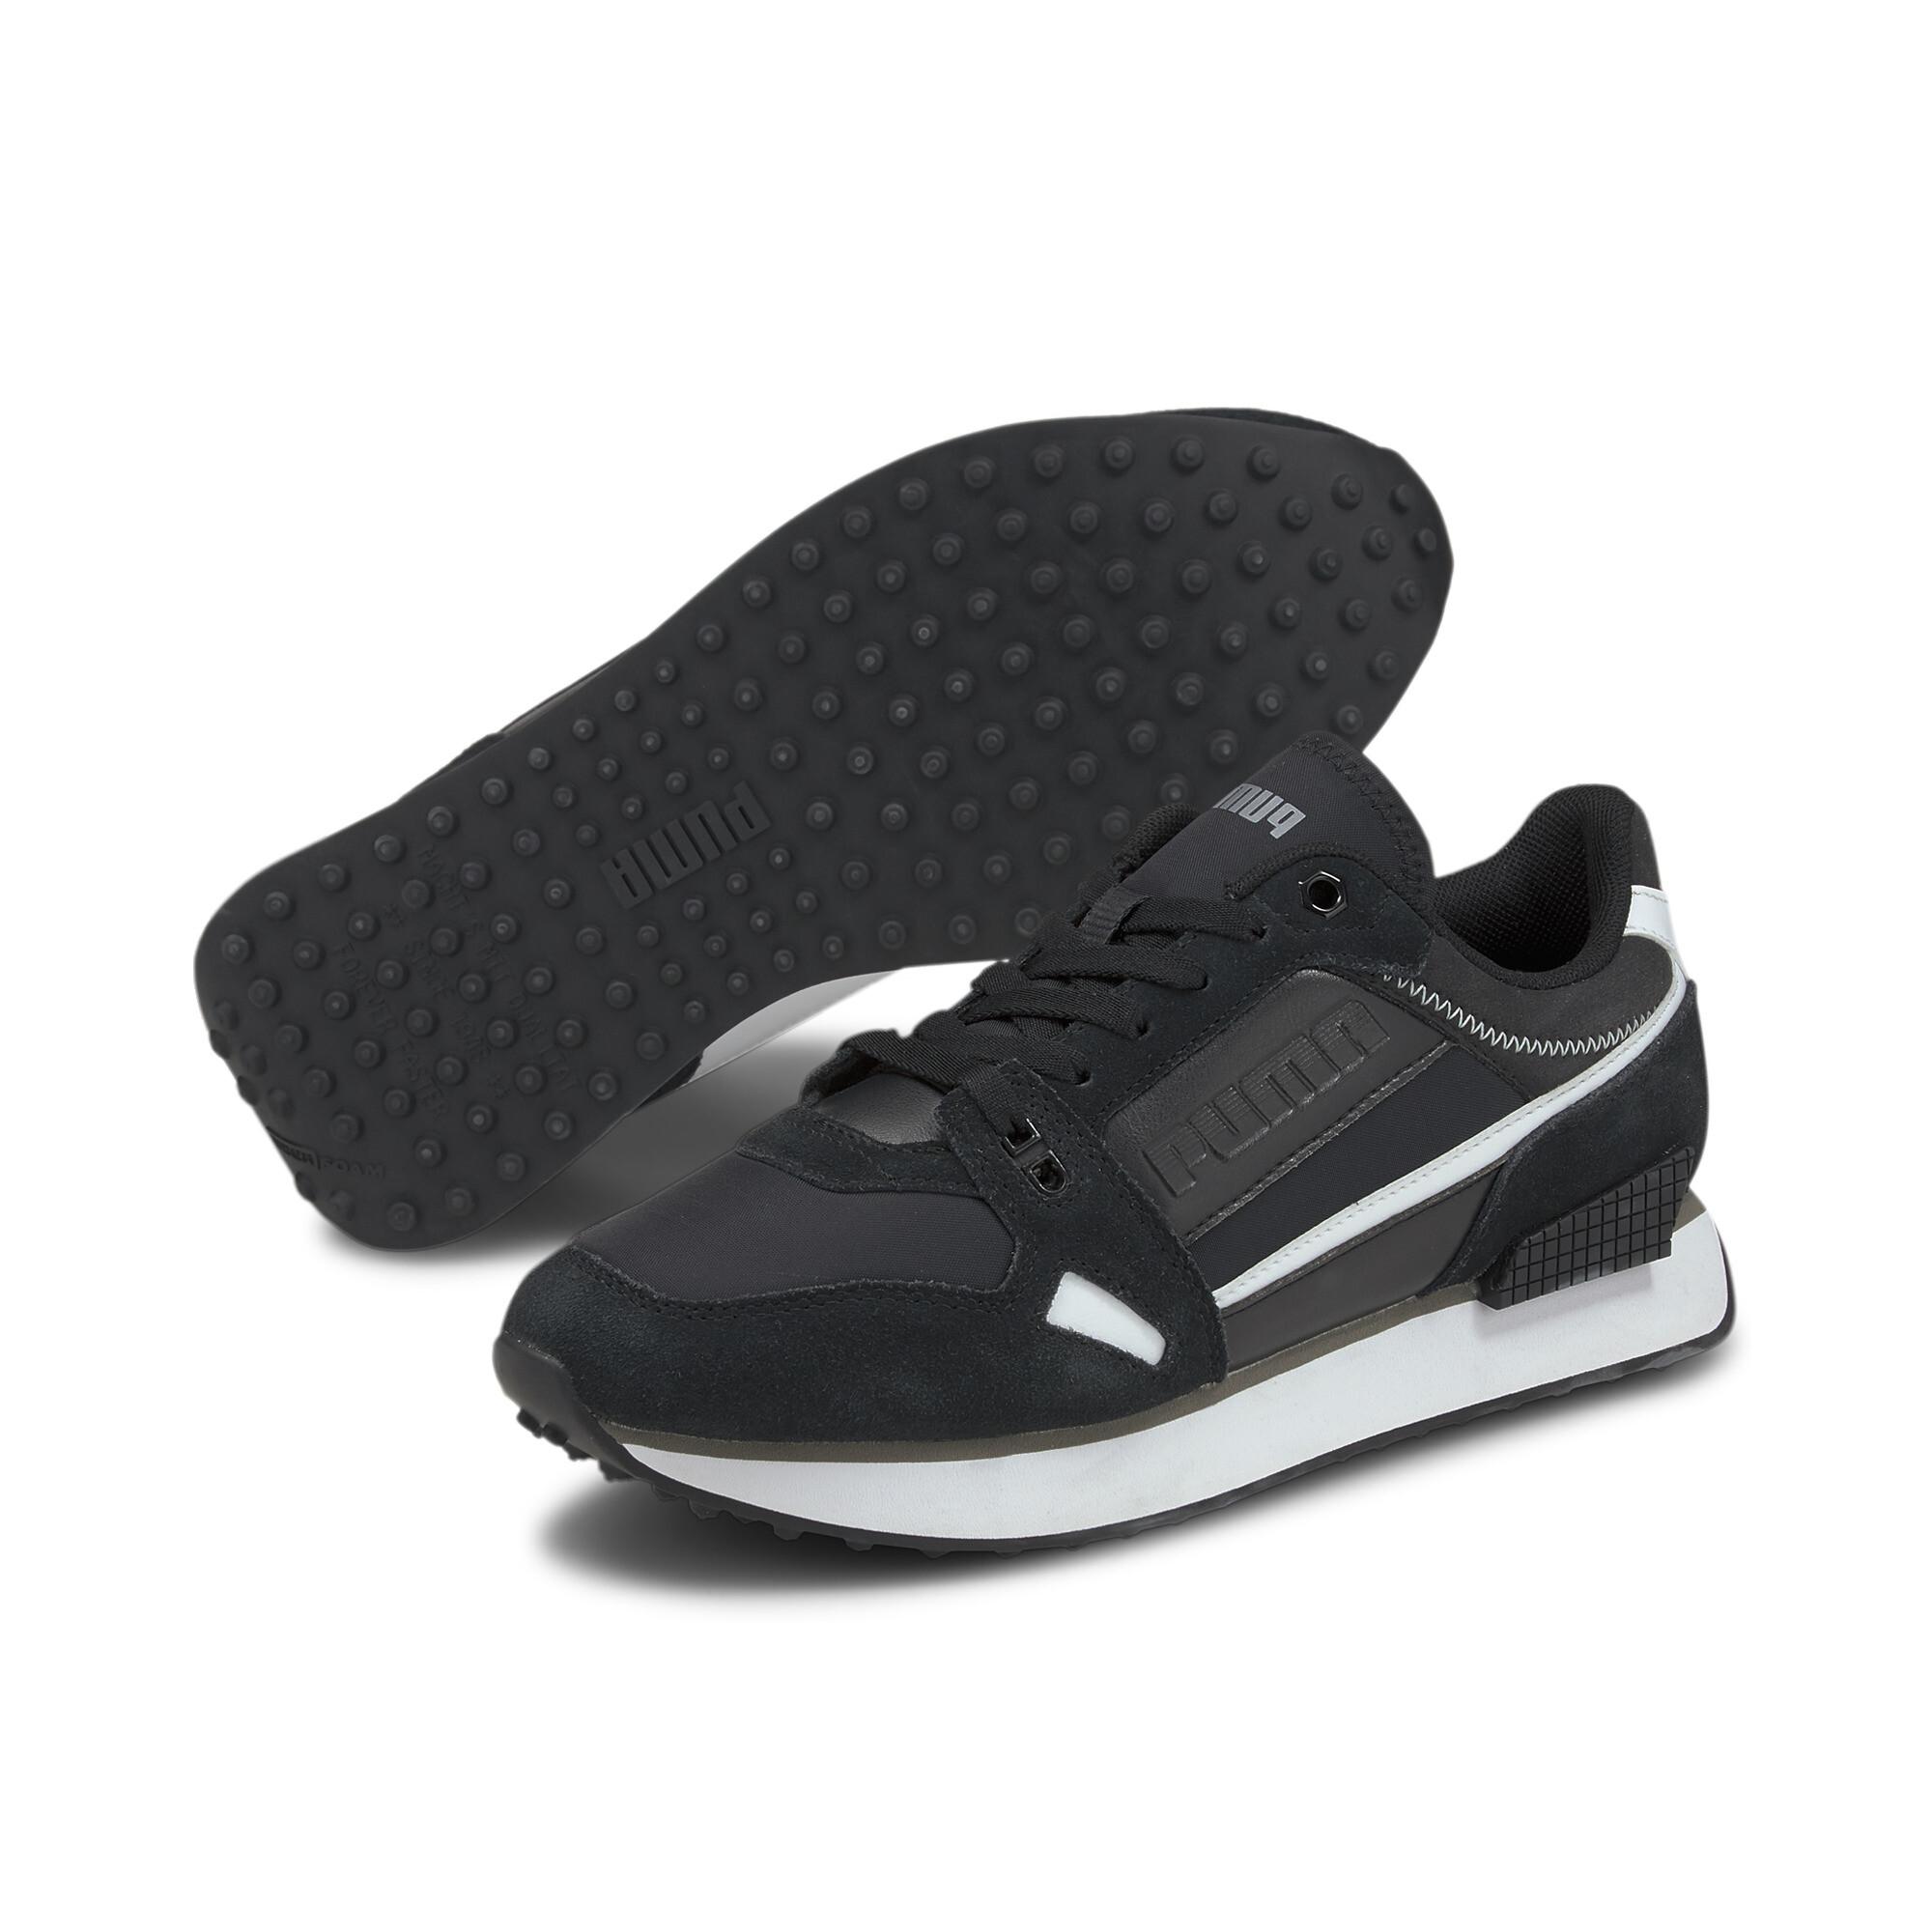 Indexbild 20 - PUMA-Mile-Rider-Chrome-Desert-Damen-Sneaker-Frauen-Schuhe-Neu